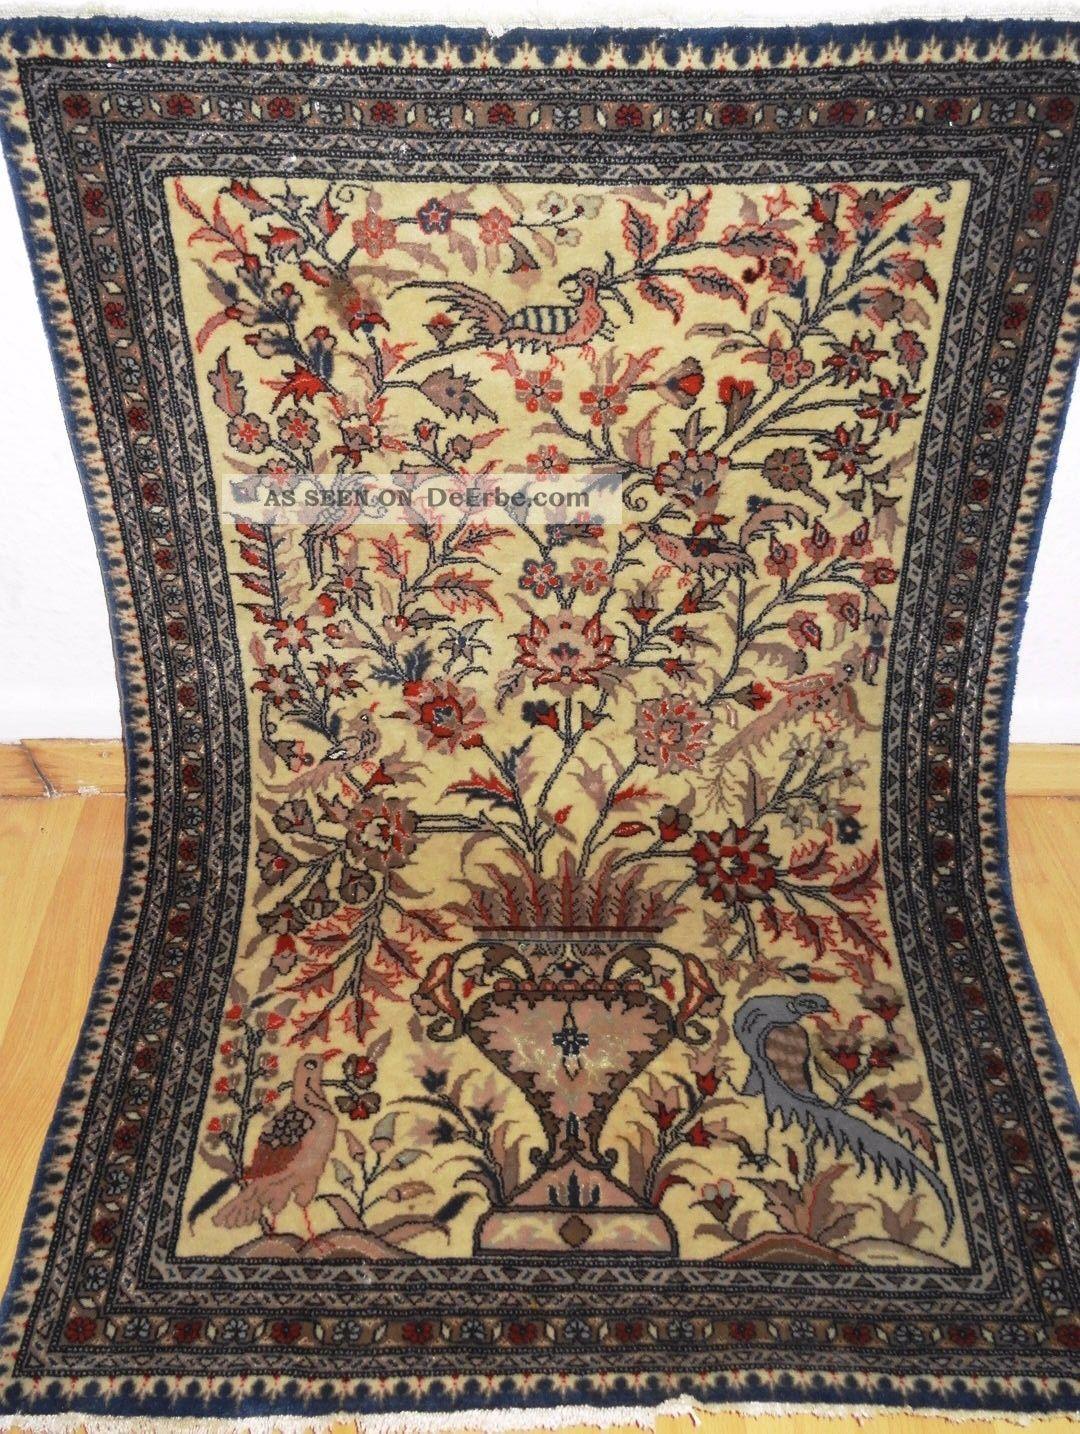 Echte Handgeküpfte - China Teppich Top / Ware - Tappeto - Tapis,  Rug,  1 Million - K/n Teppiche & Flachgewebe Bild